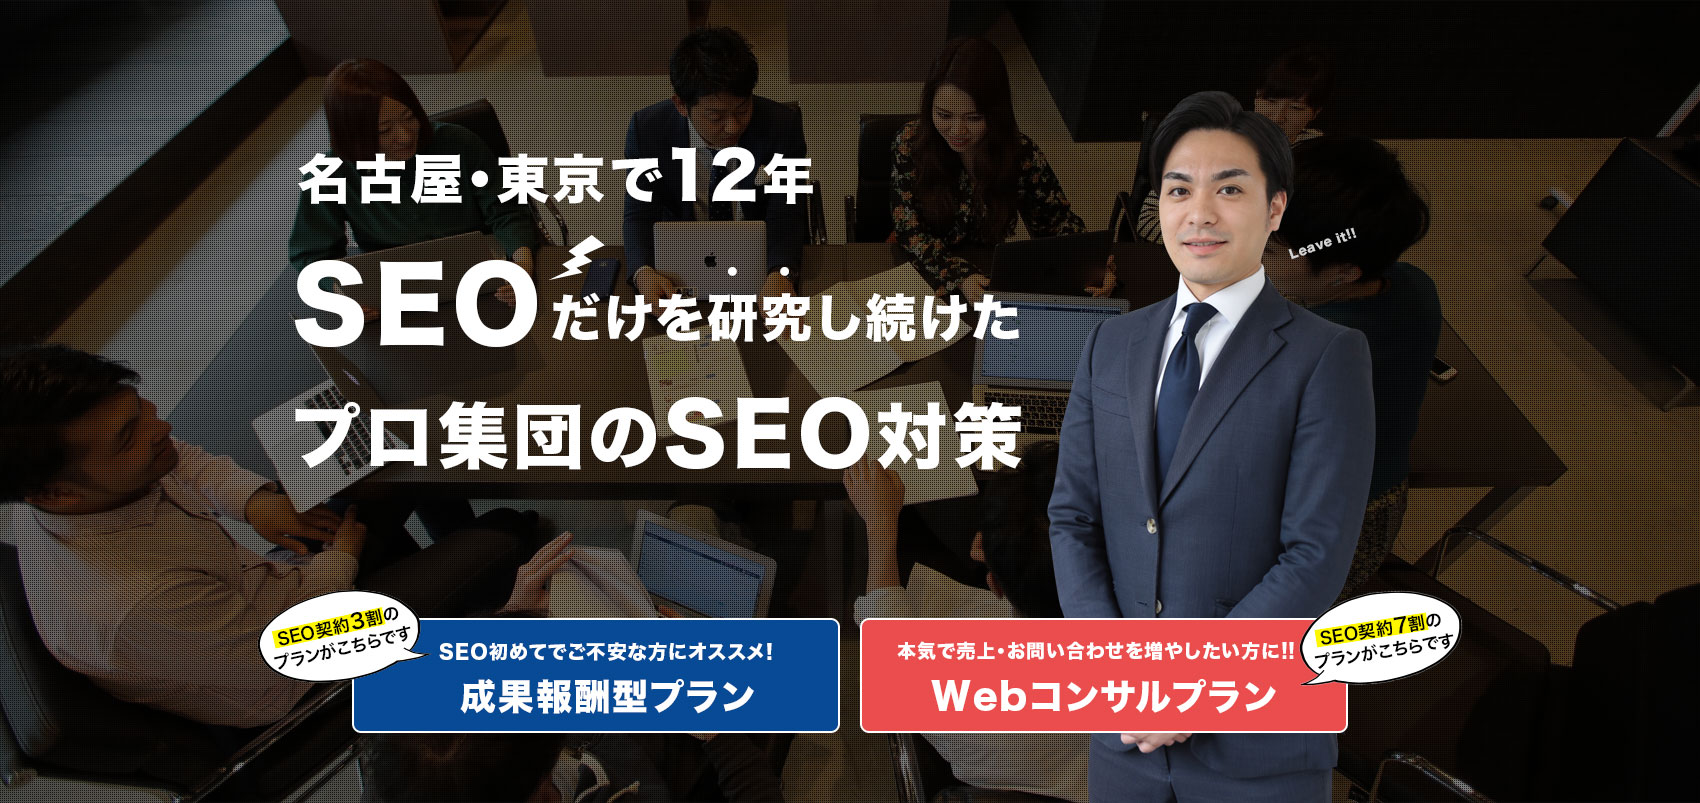 名古屋・東京で12年SEOだけを研究し続けたプロ集団のSEO対策